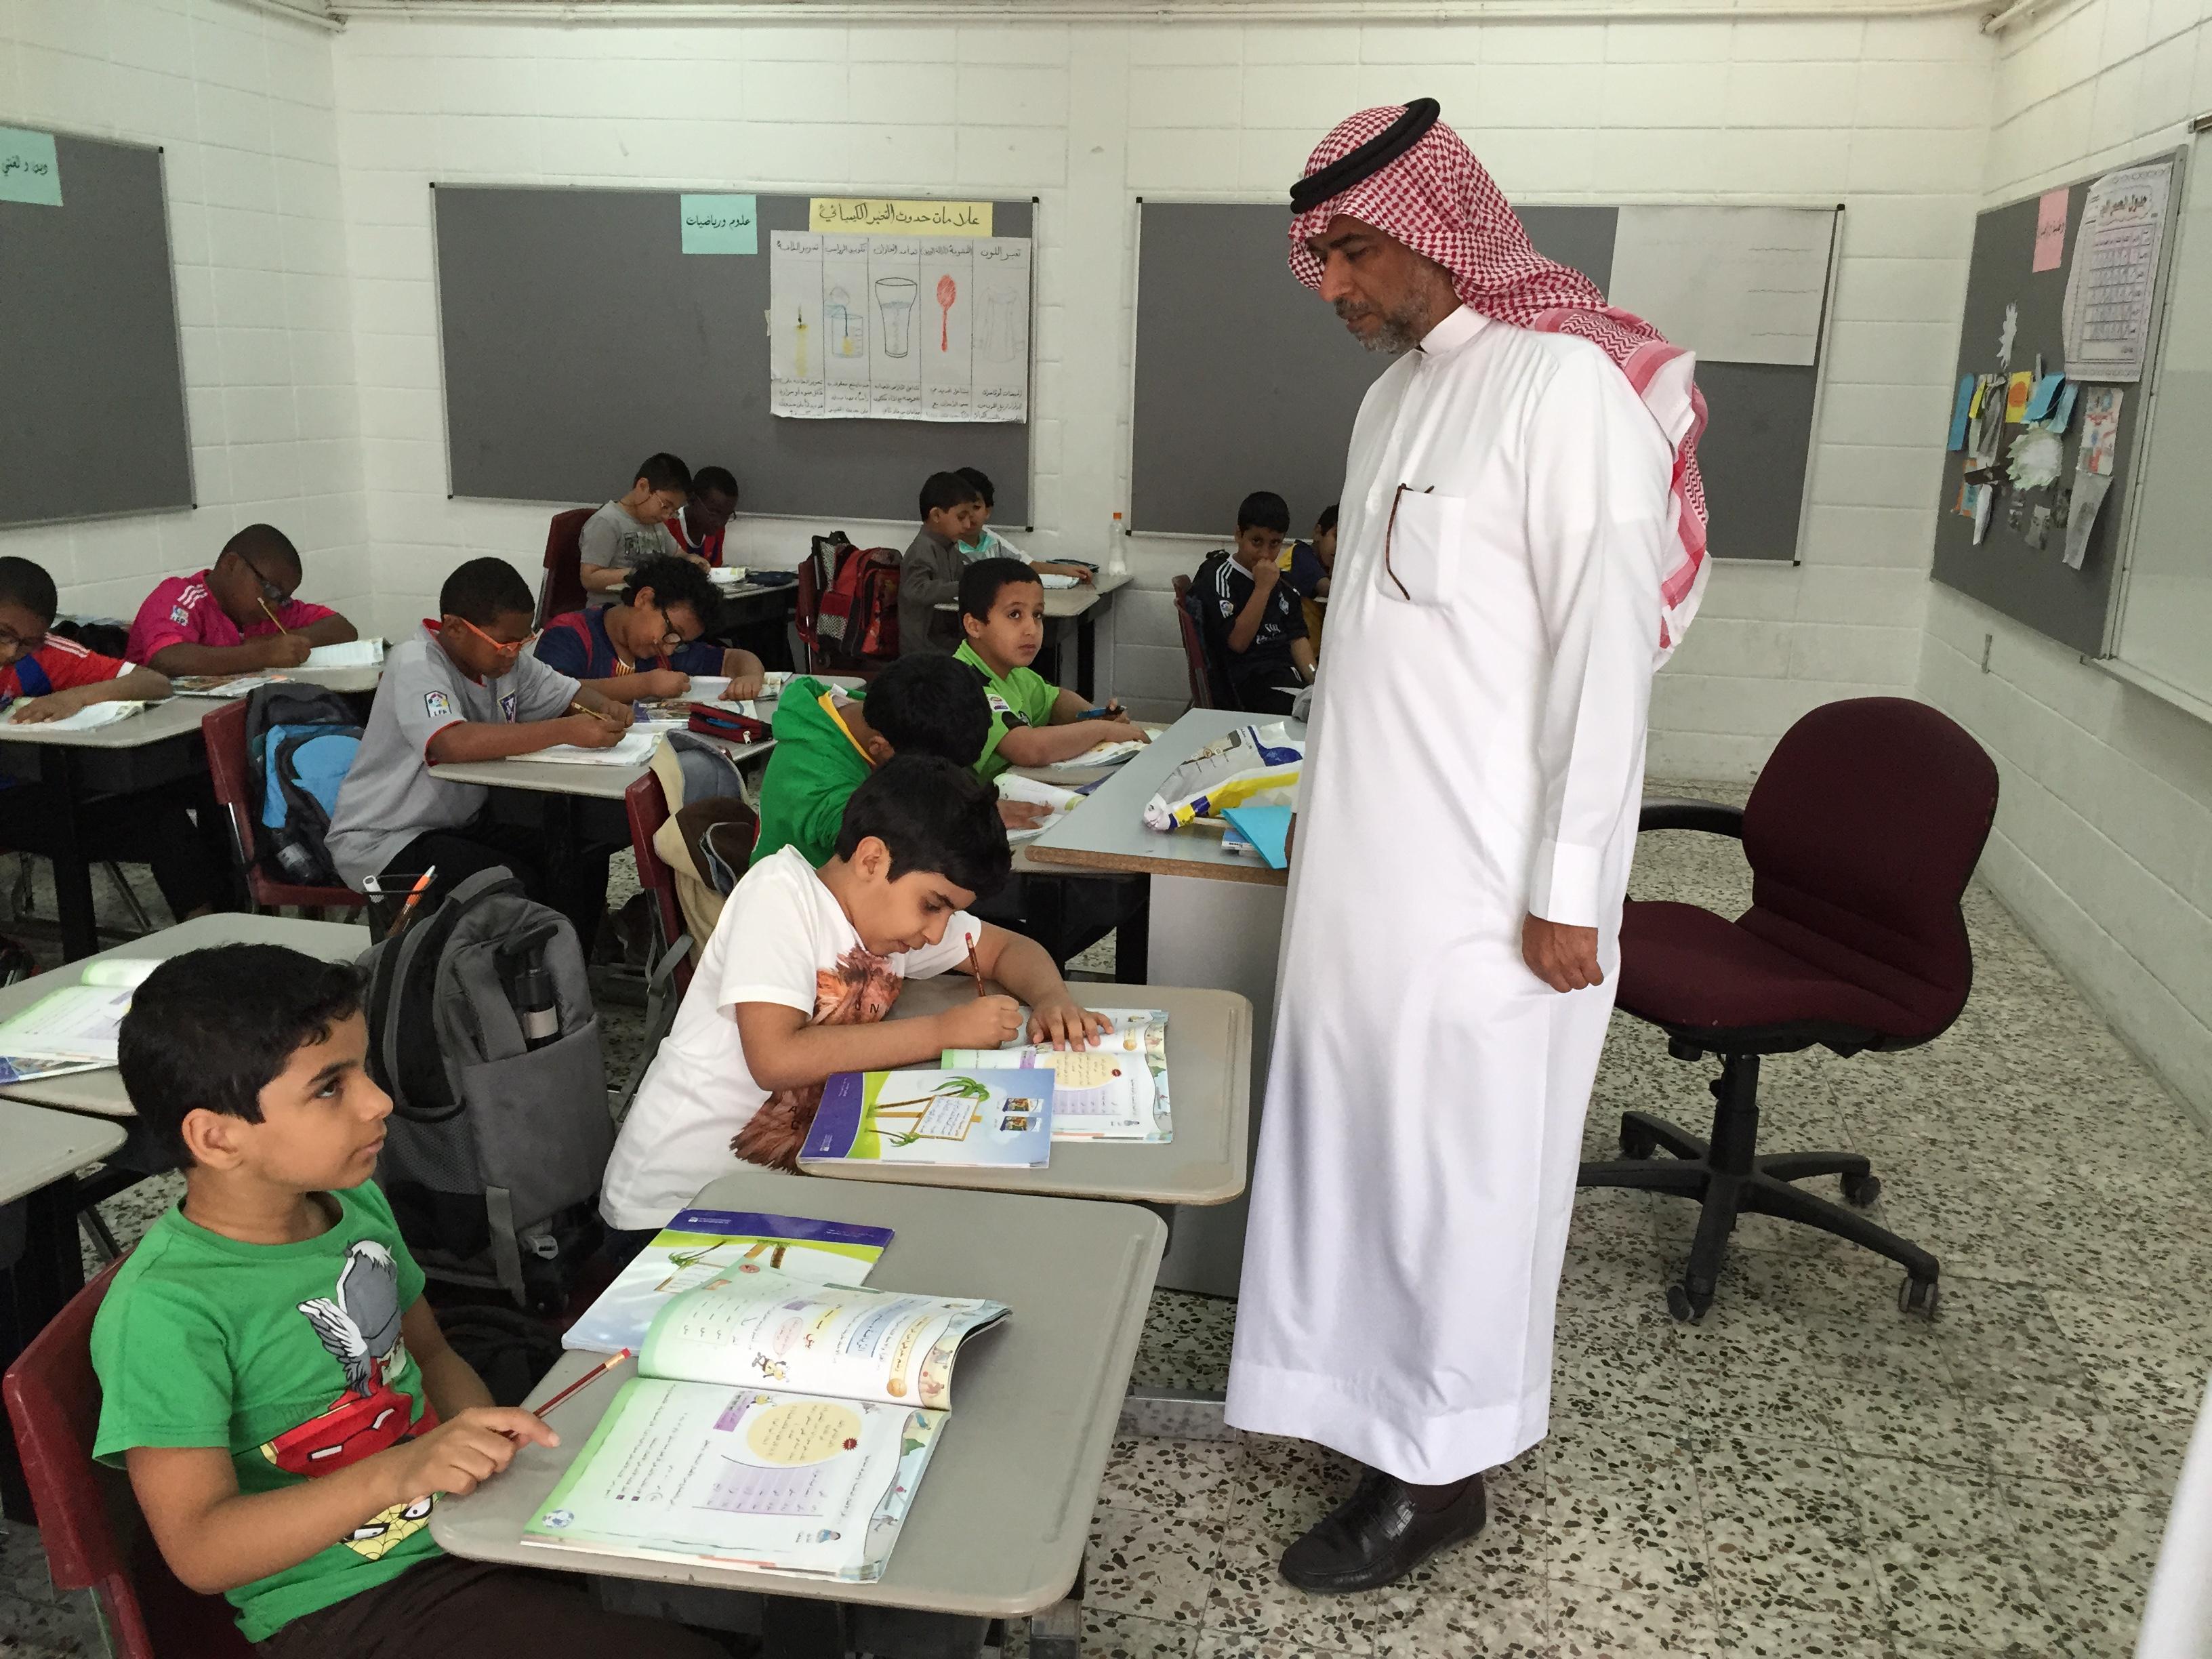 الفاروق الابتدائية تدمج تلاميذ التوحد بجوار مقاعد طلاب التعليم العام جنباً الى جنب